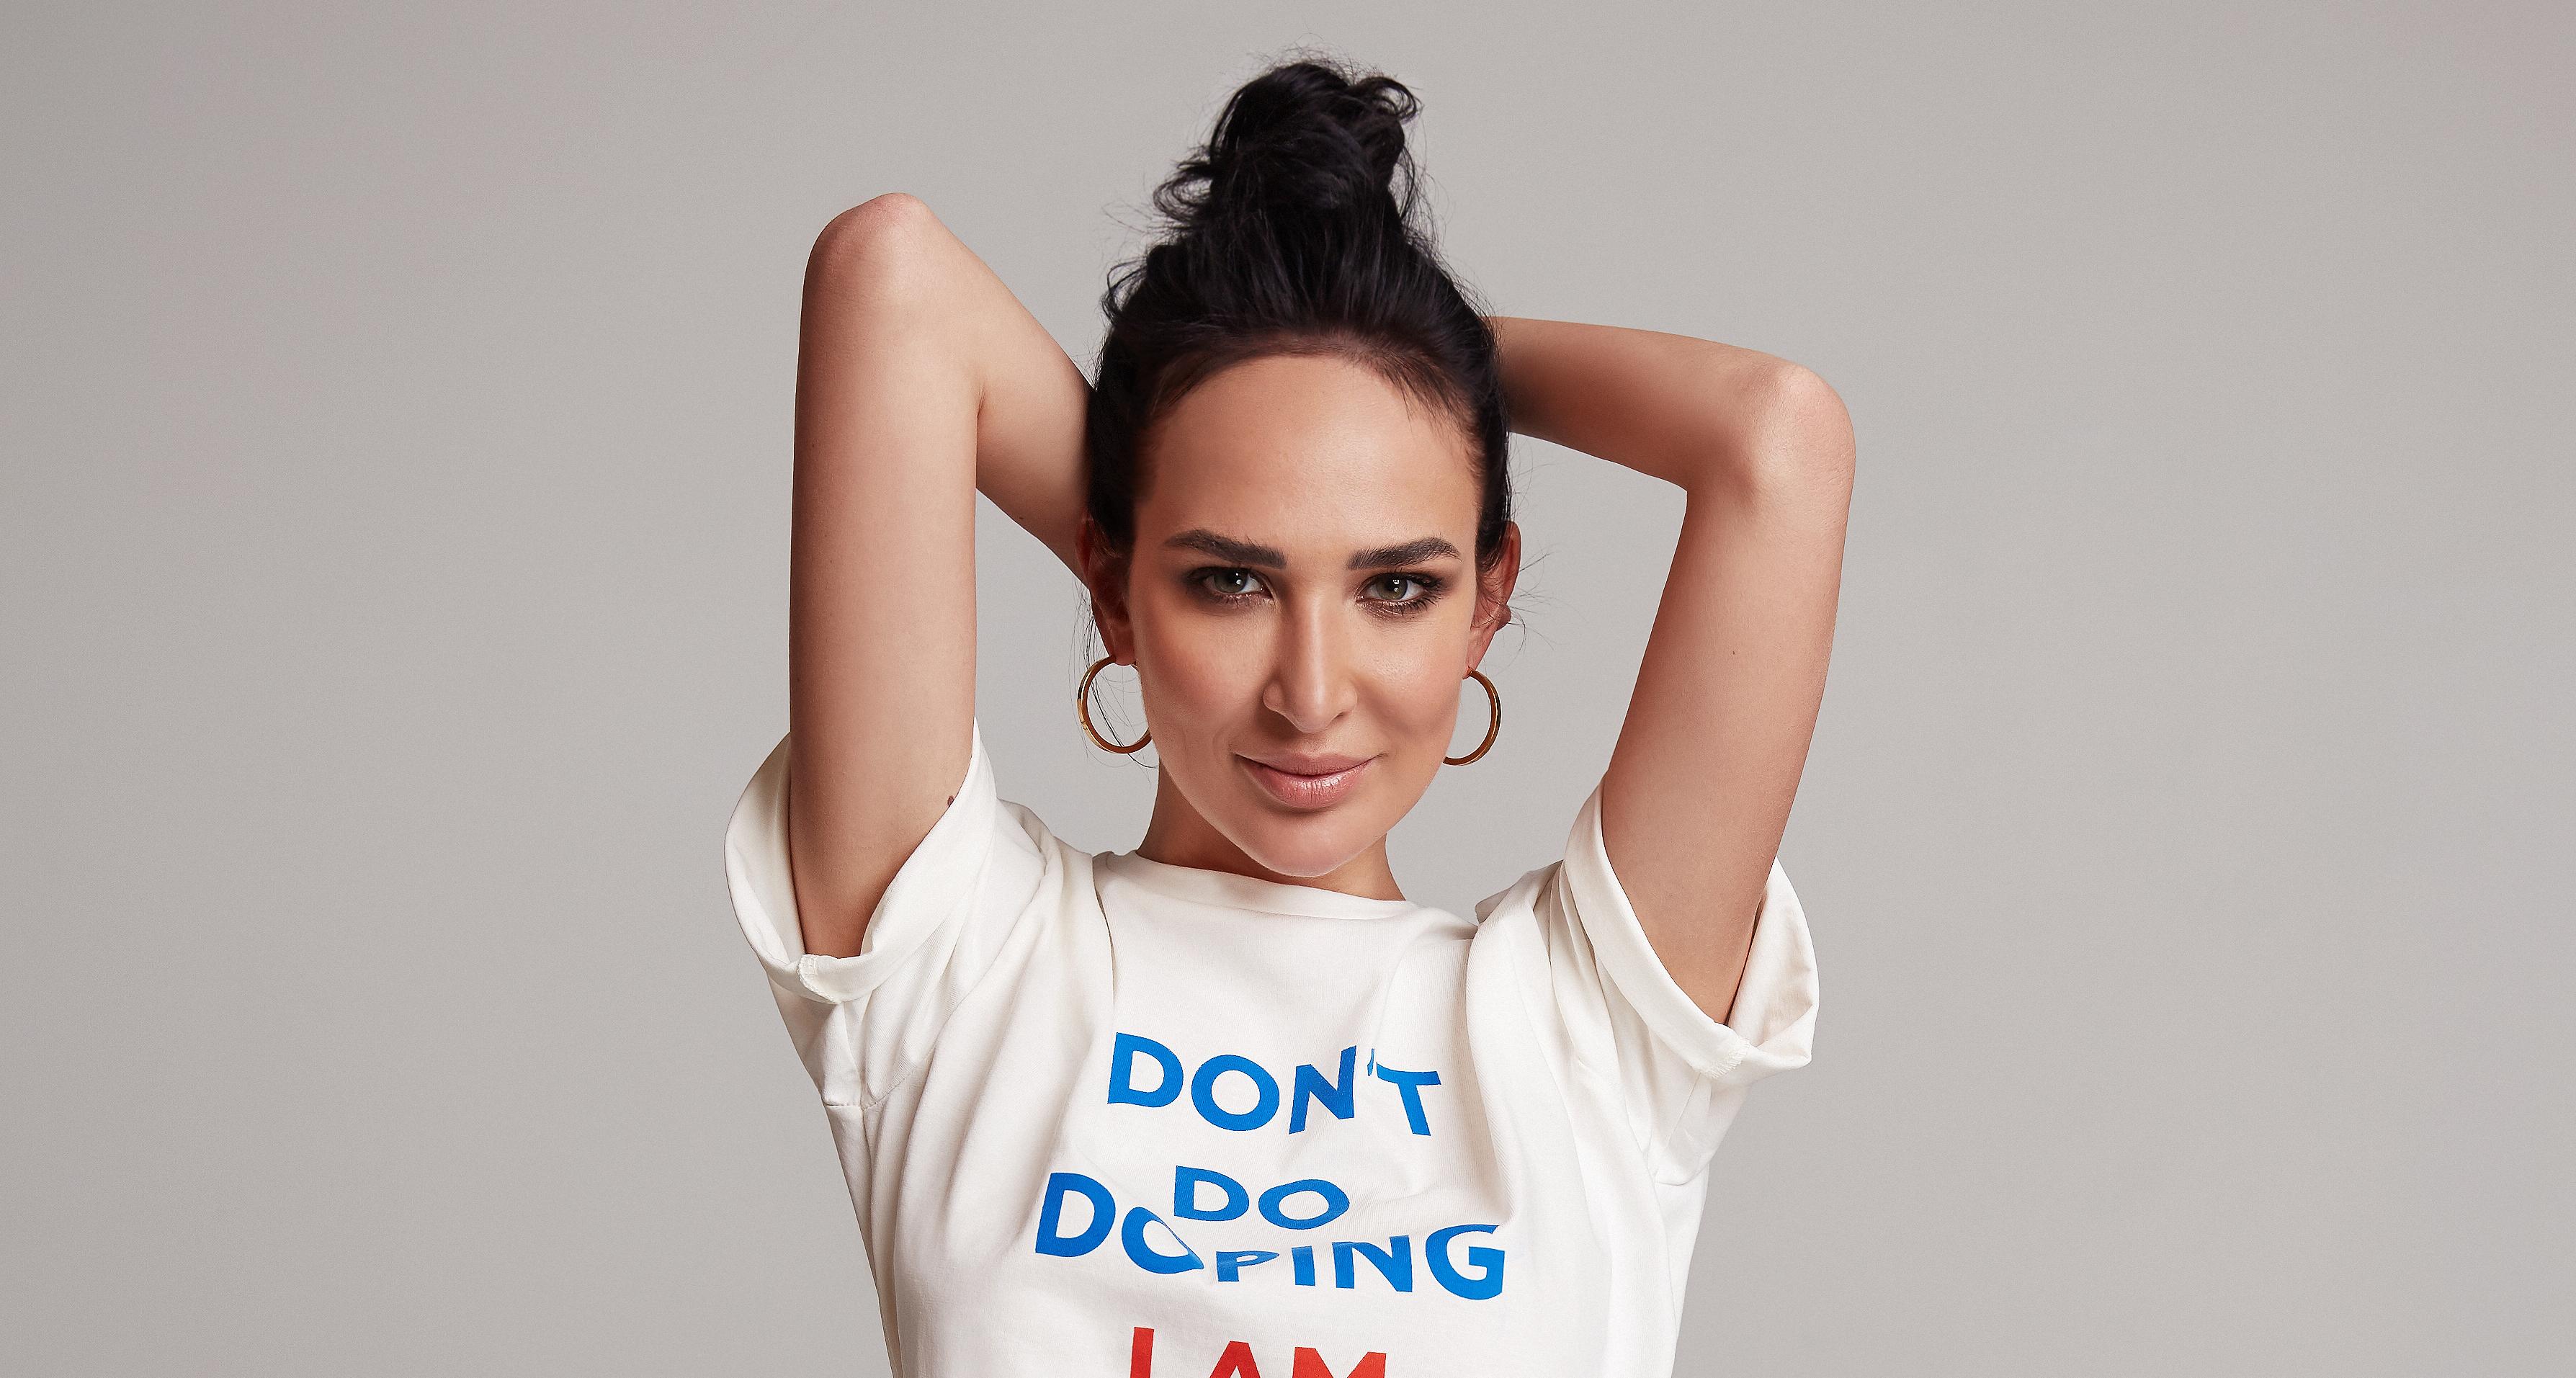 1 13 - Дизайнер Zasport Анастасия Задорина: 10 способов носить спортивные вещи каждый день и выглядеть круто